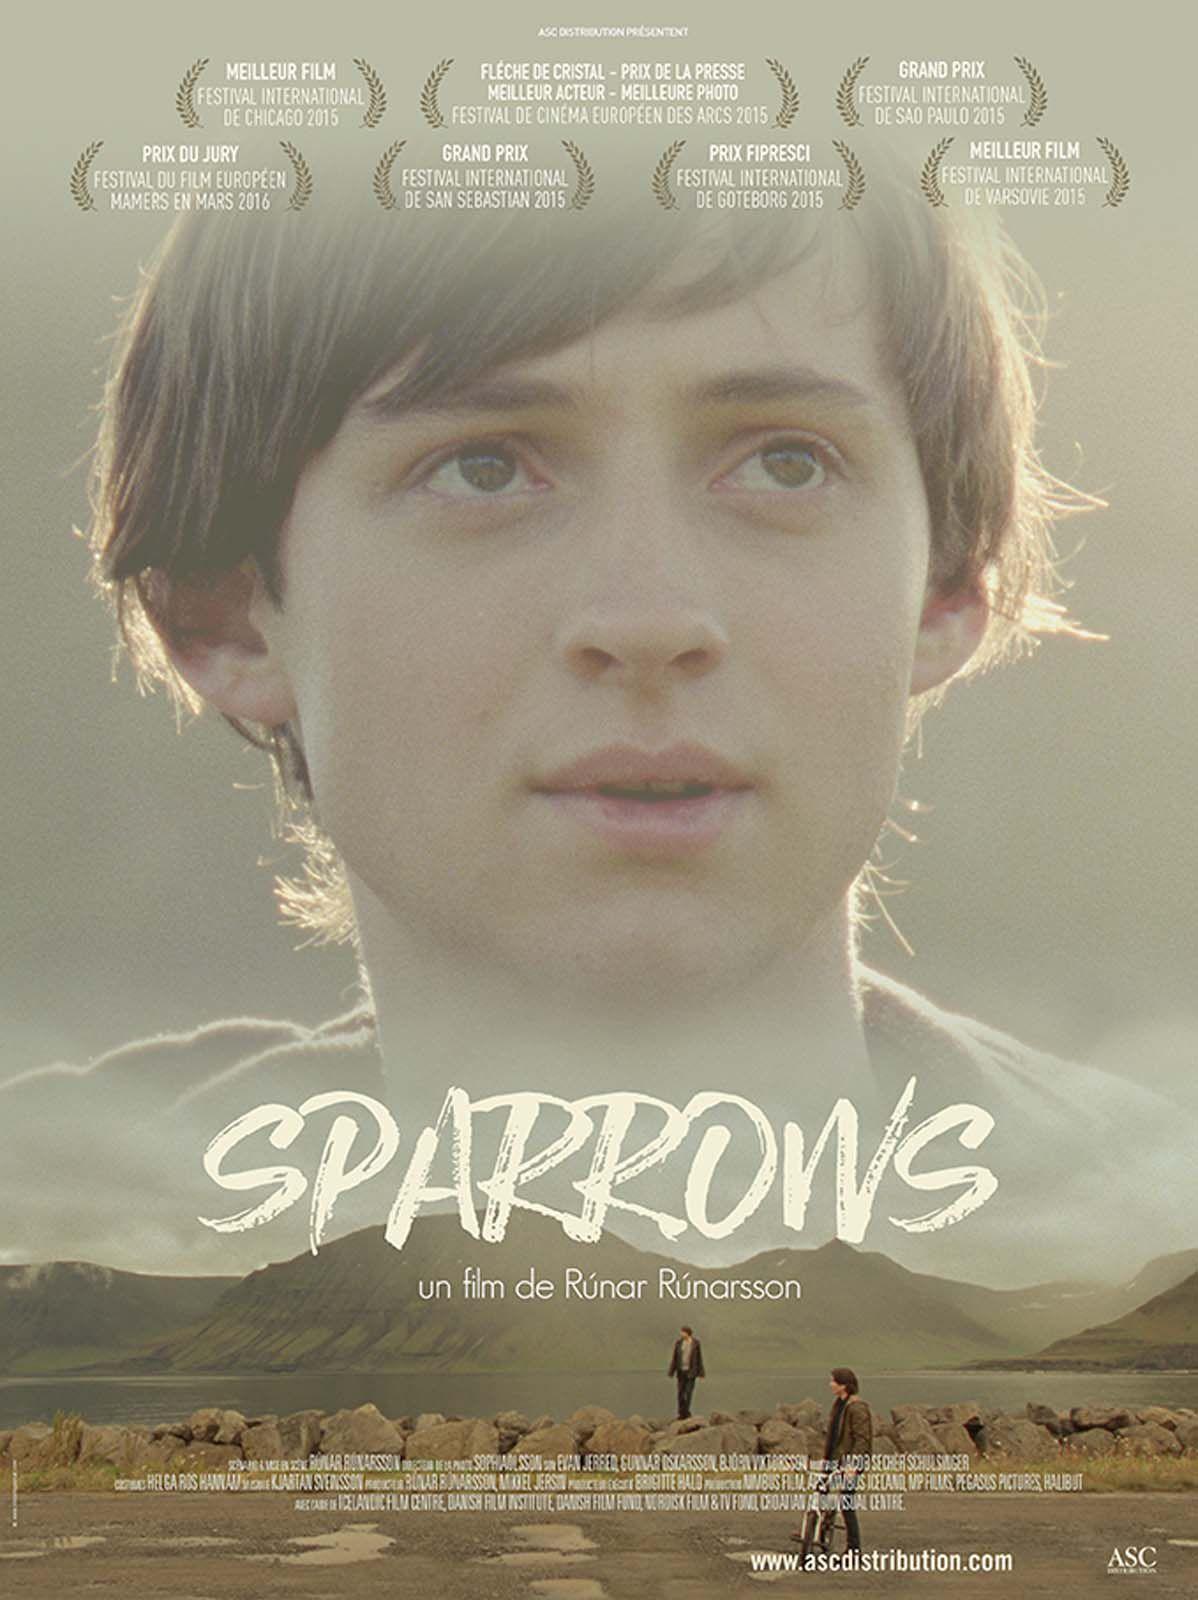 Sparrows - Film (2016)